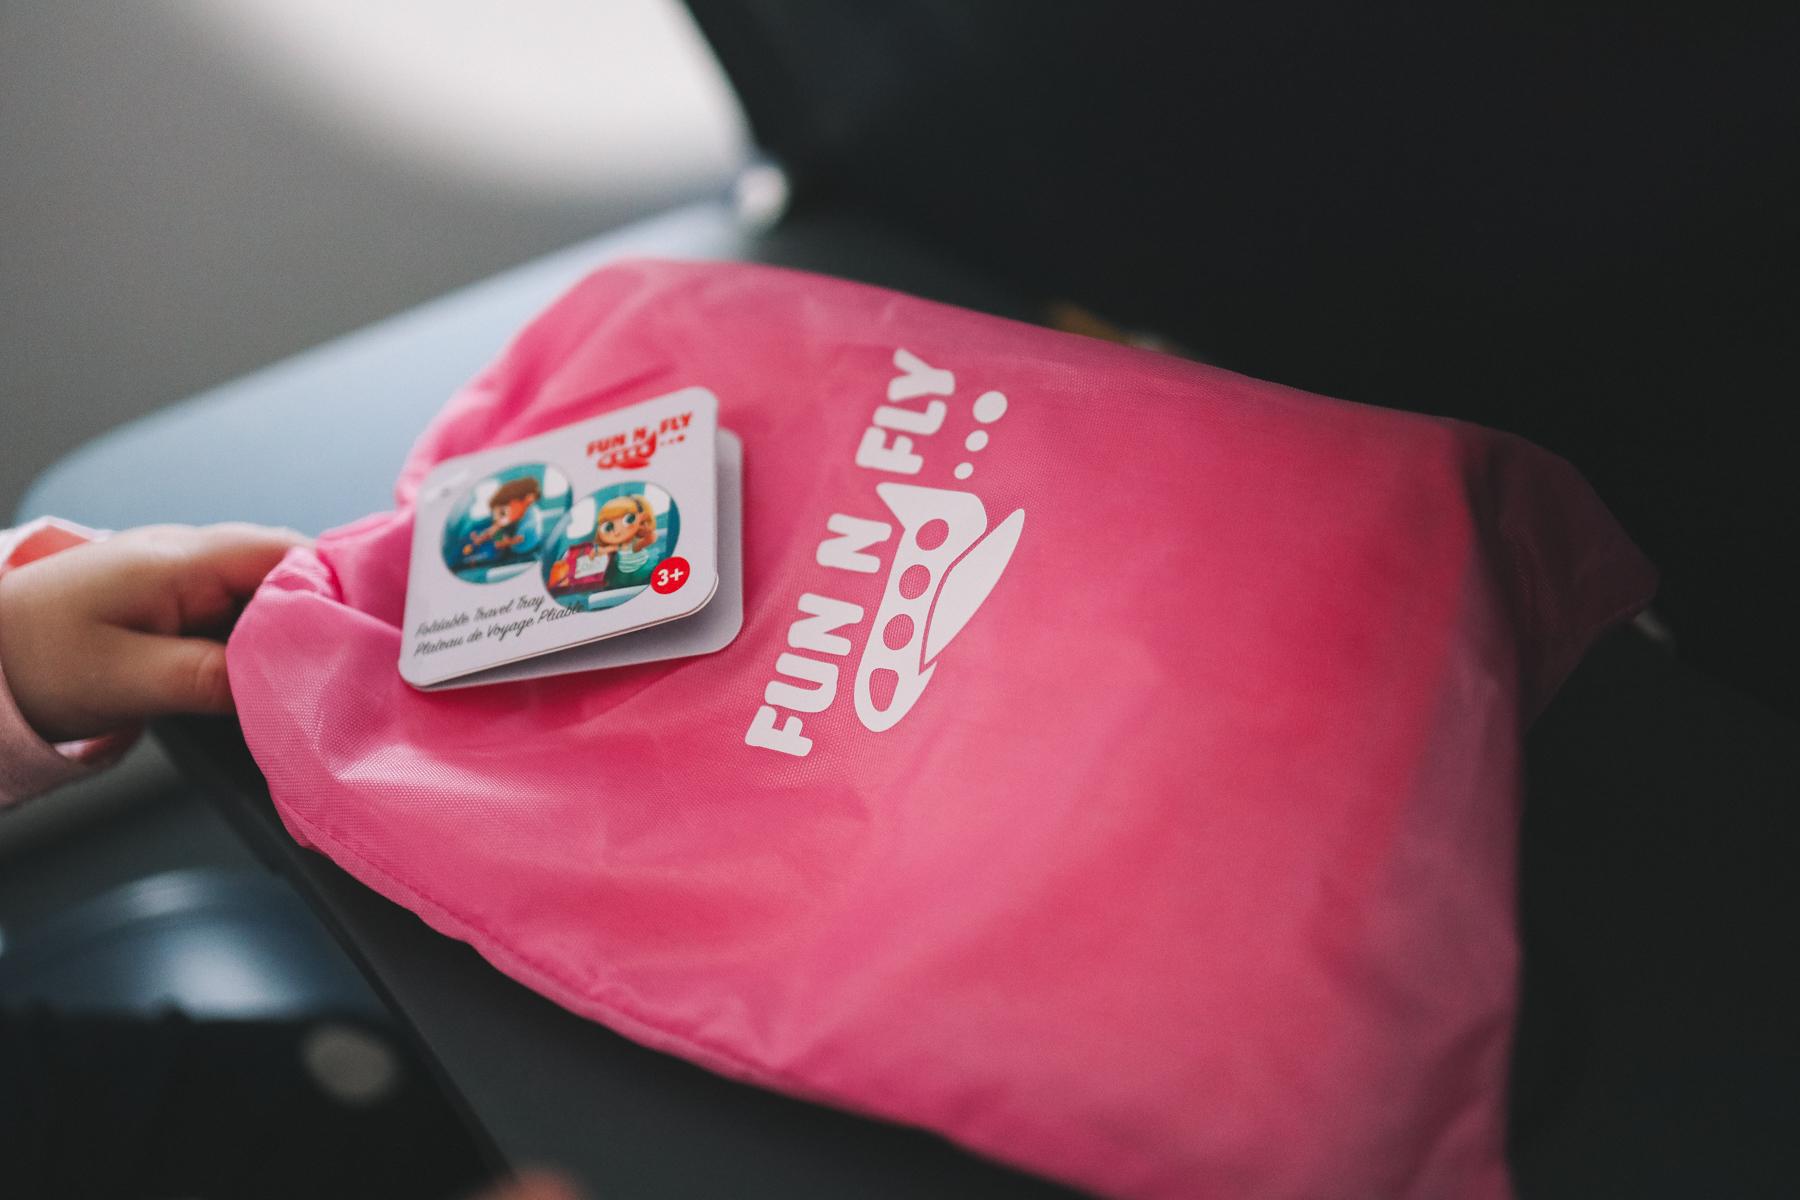 Fun Fly bag